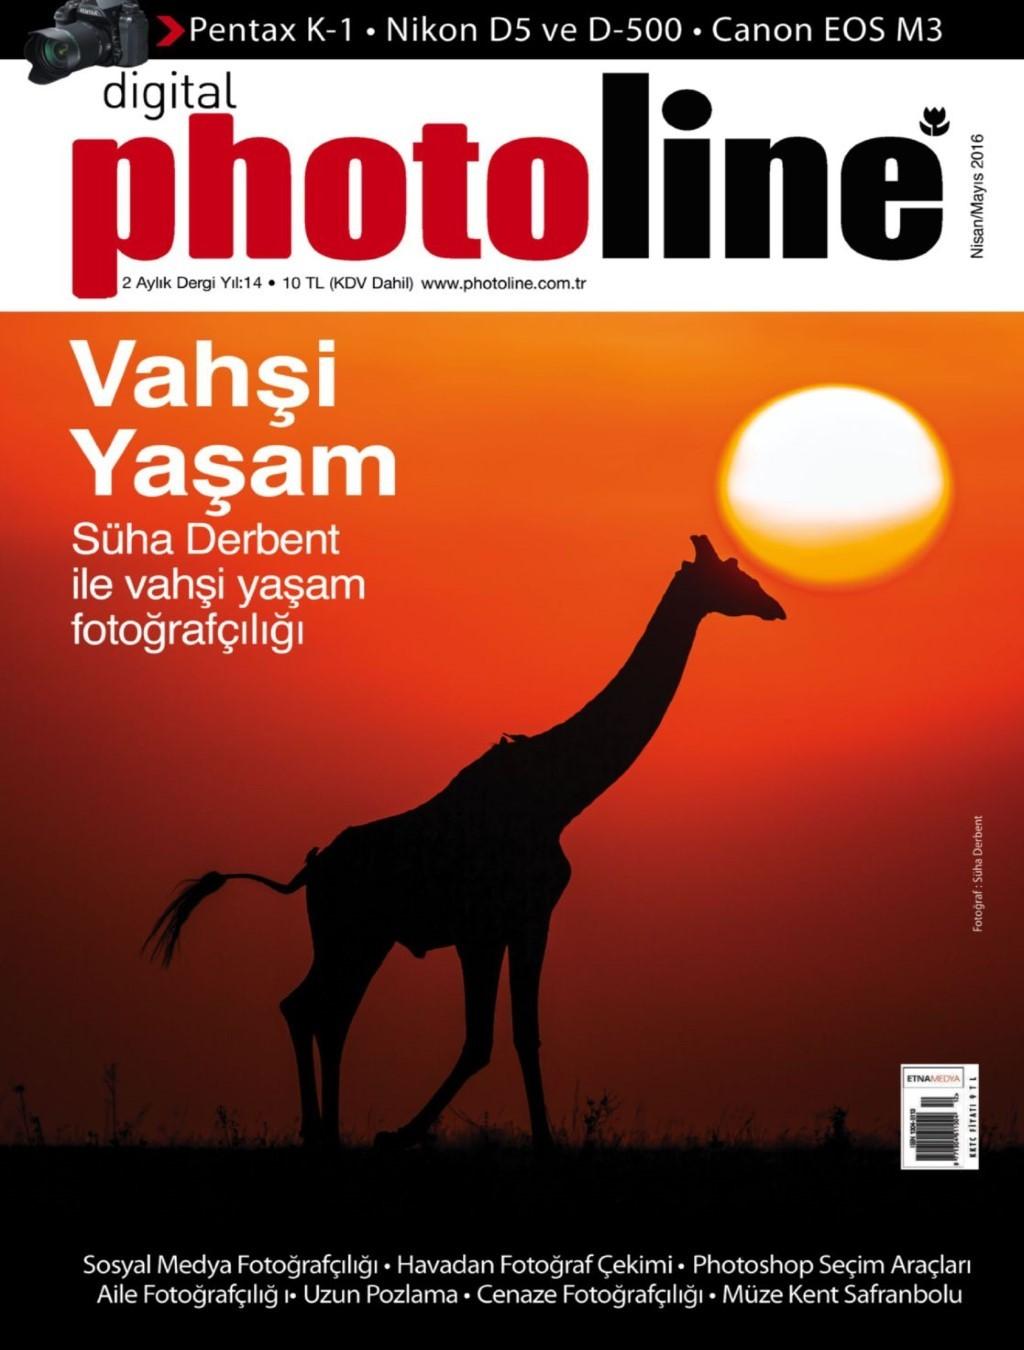 Photoline Nisan - Mayıs E-dergi indir Sandalca.com